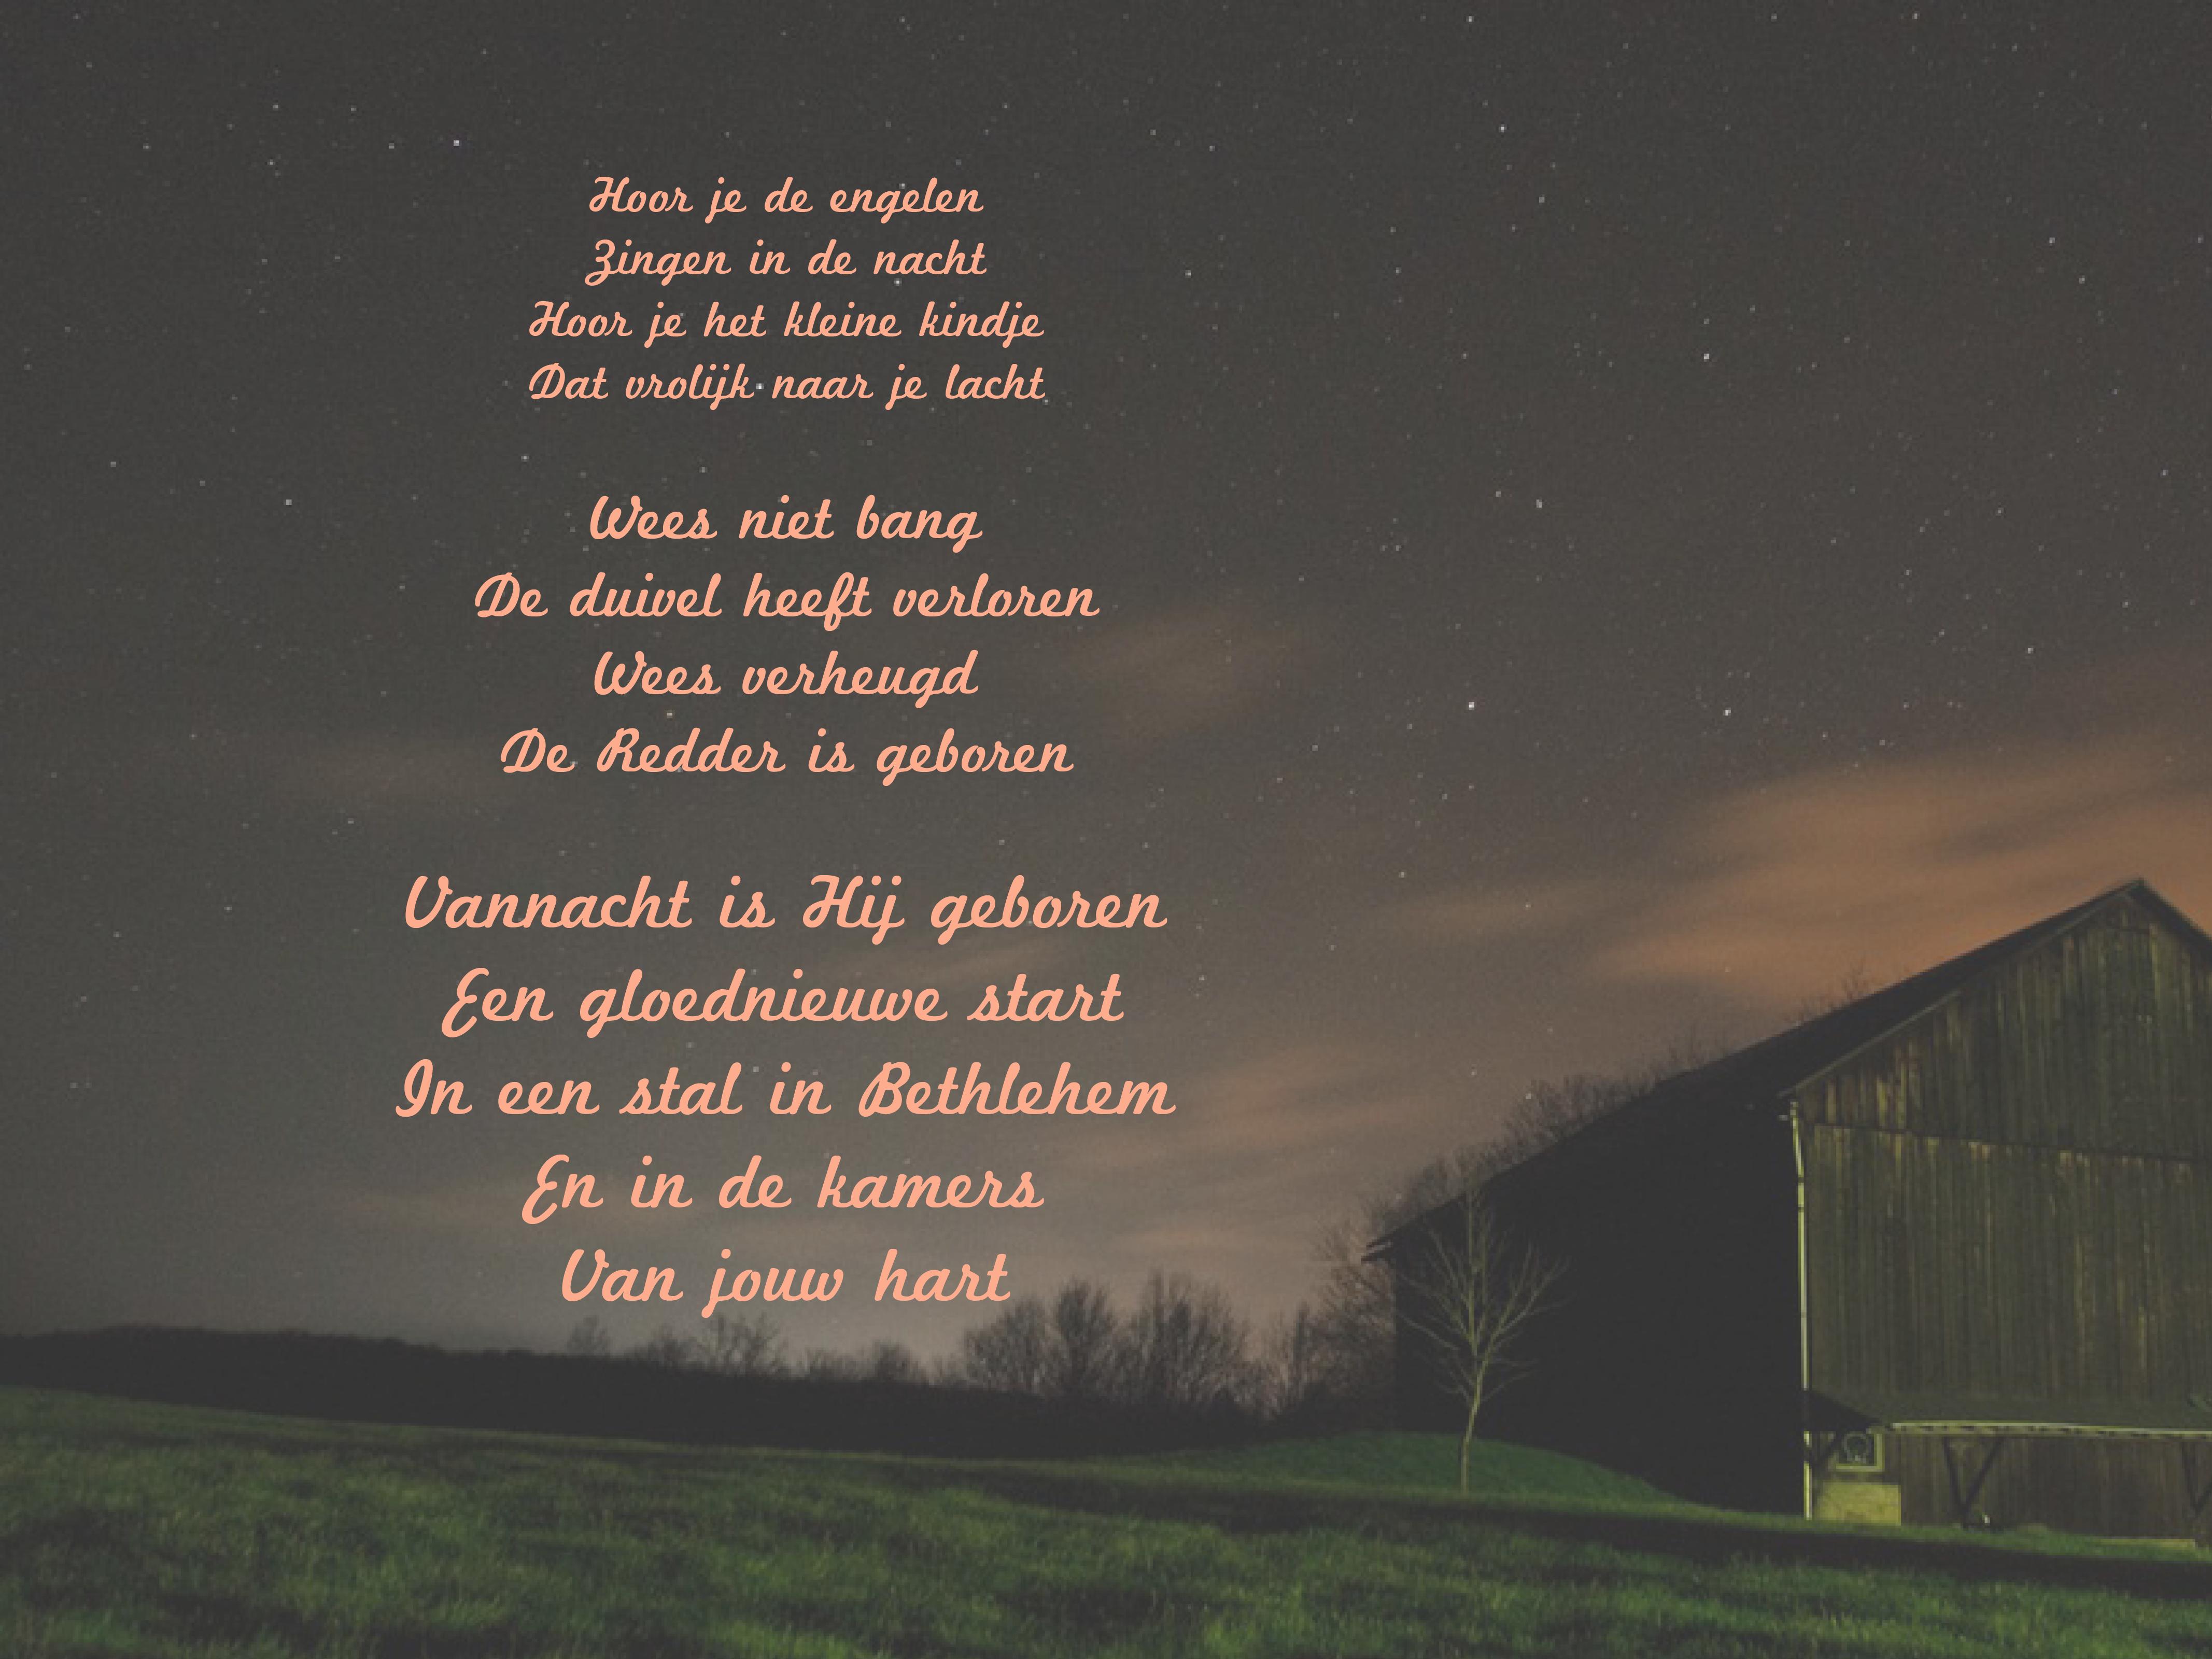 Gedicht Nieuwe Badkamer : Gedicht nieuwe badkamer u2013 devolonter.info